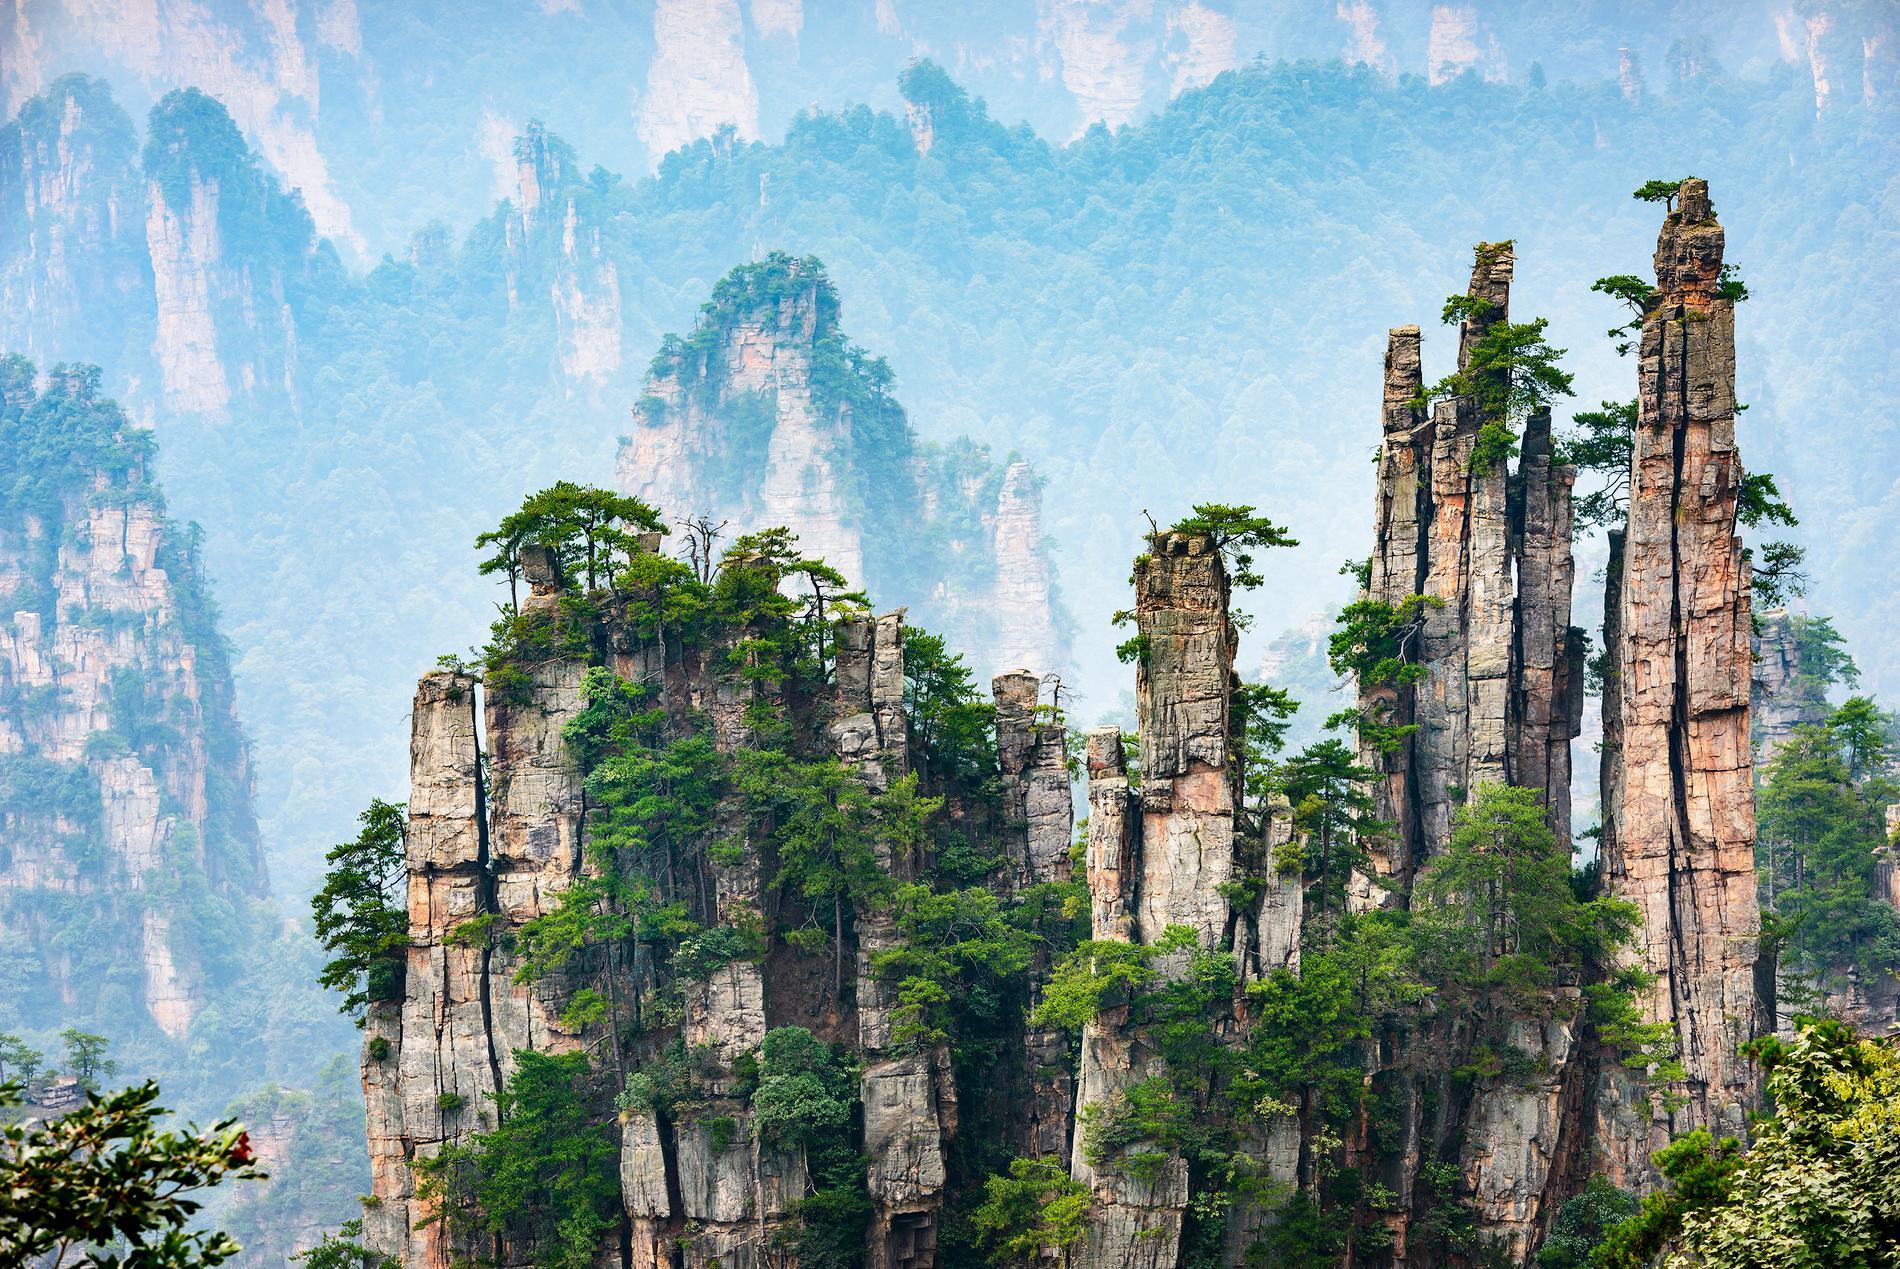 De flytande bergen i Avatar inspirerades av Wulingyuan.